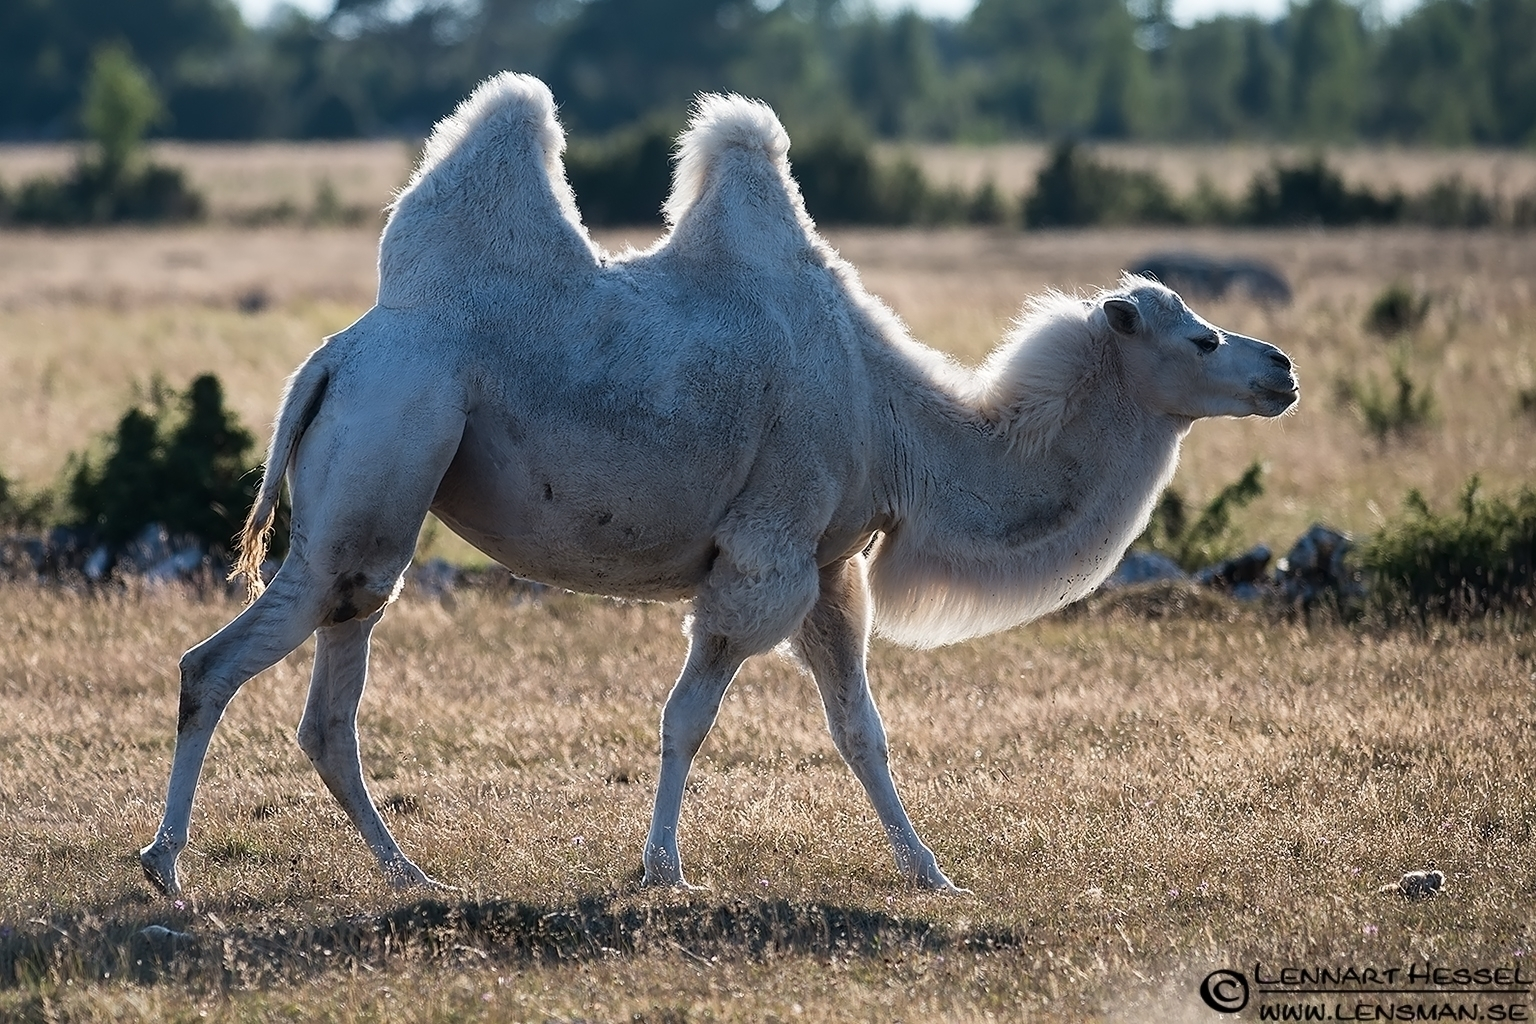 Camel Öland 2012